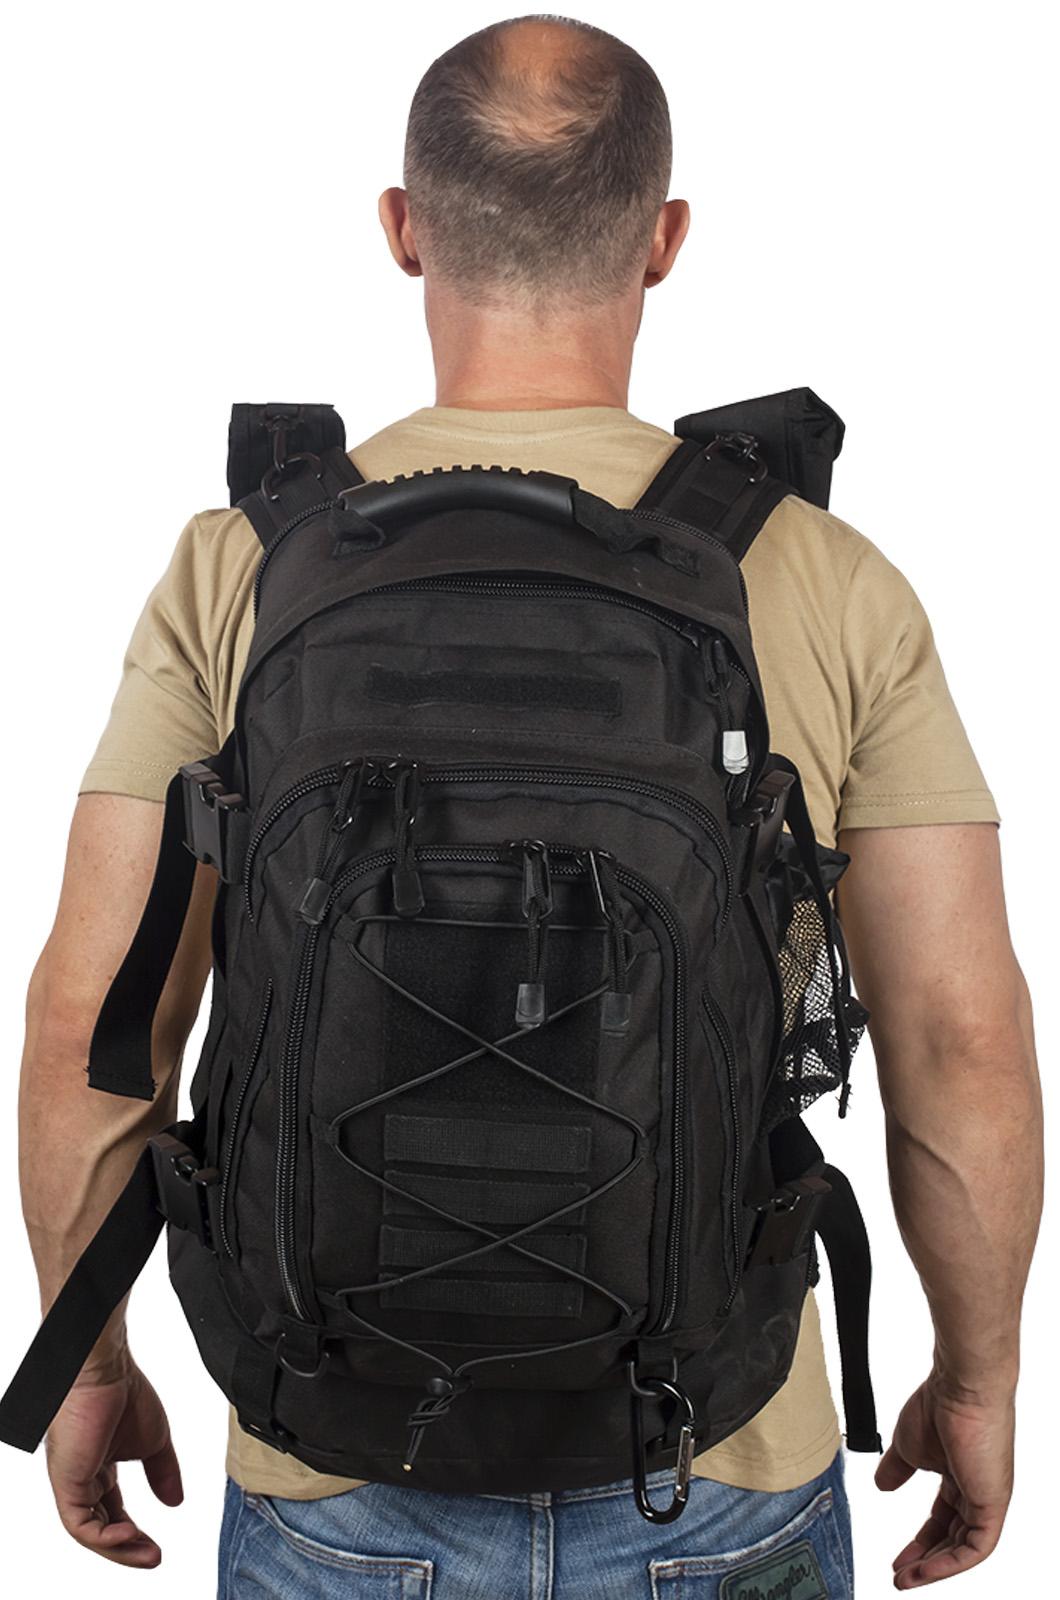 Купить черный тактический рюкзак с отделением для гидратора 3-Day Expandable Backpack Black